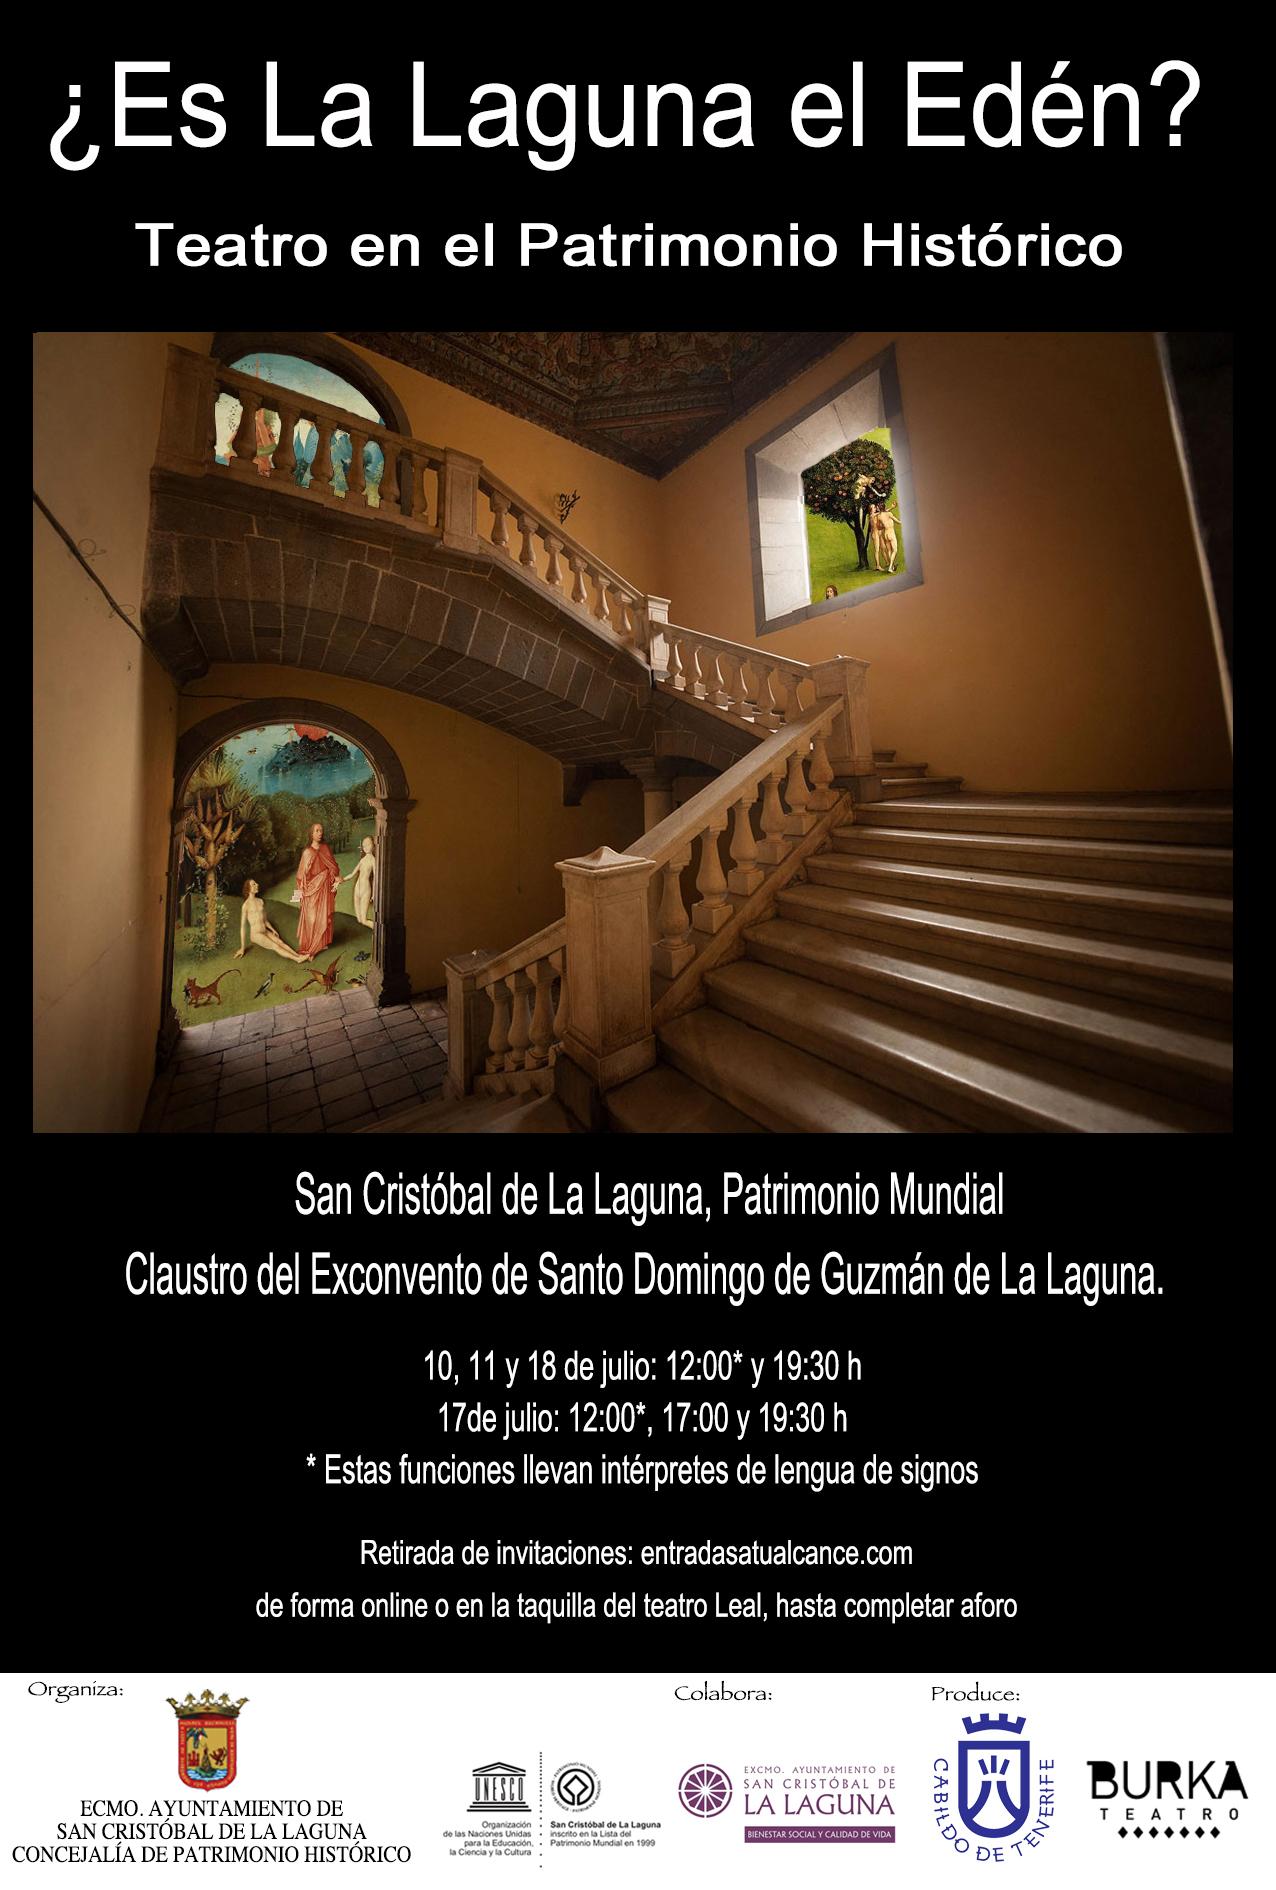 es-la-laguna-el-eden-60dc57e211c098.05311066.jpeg